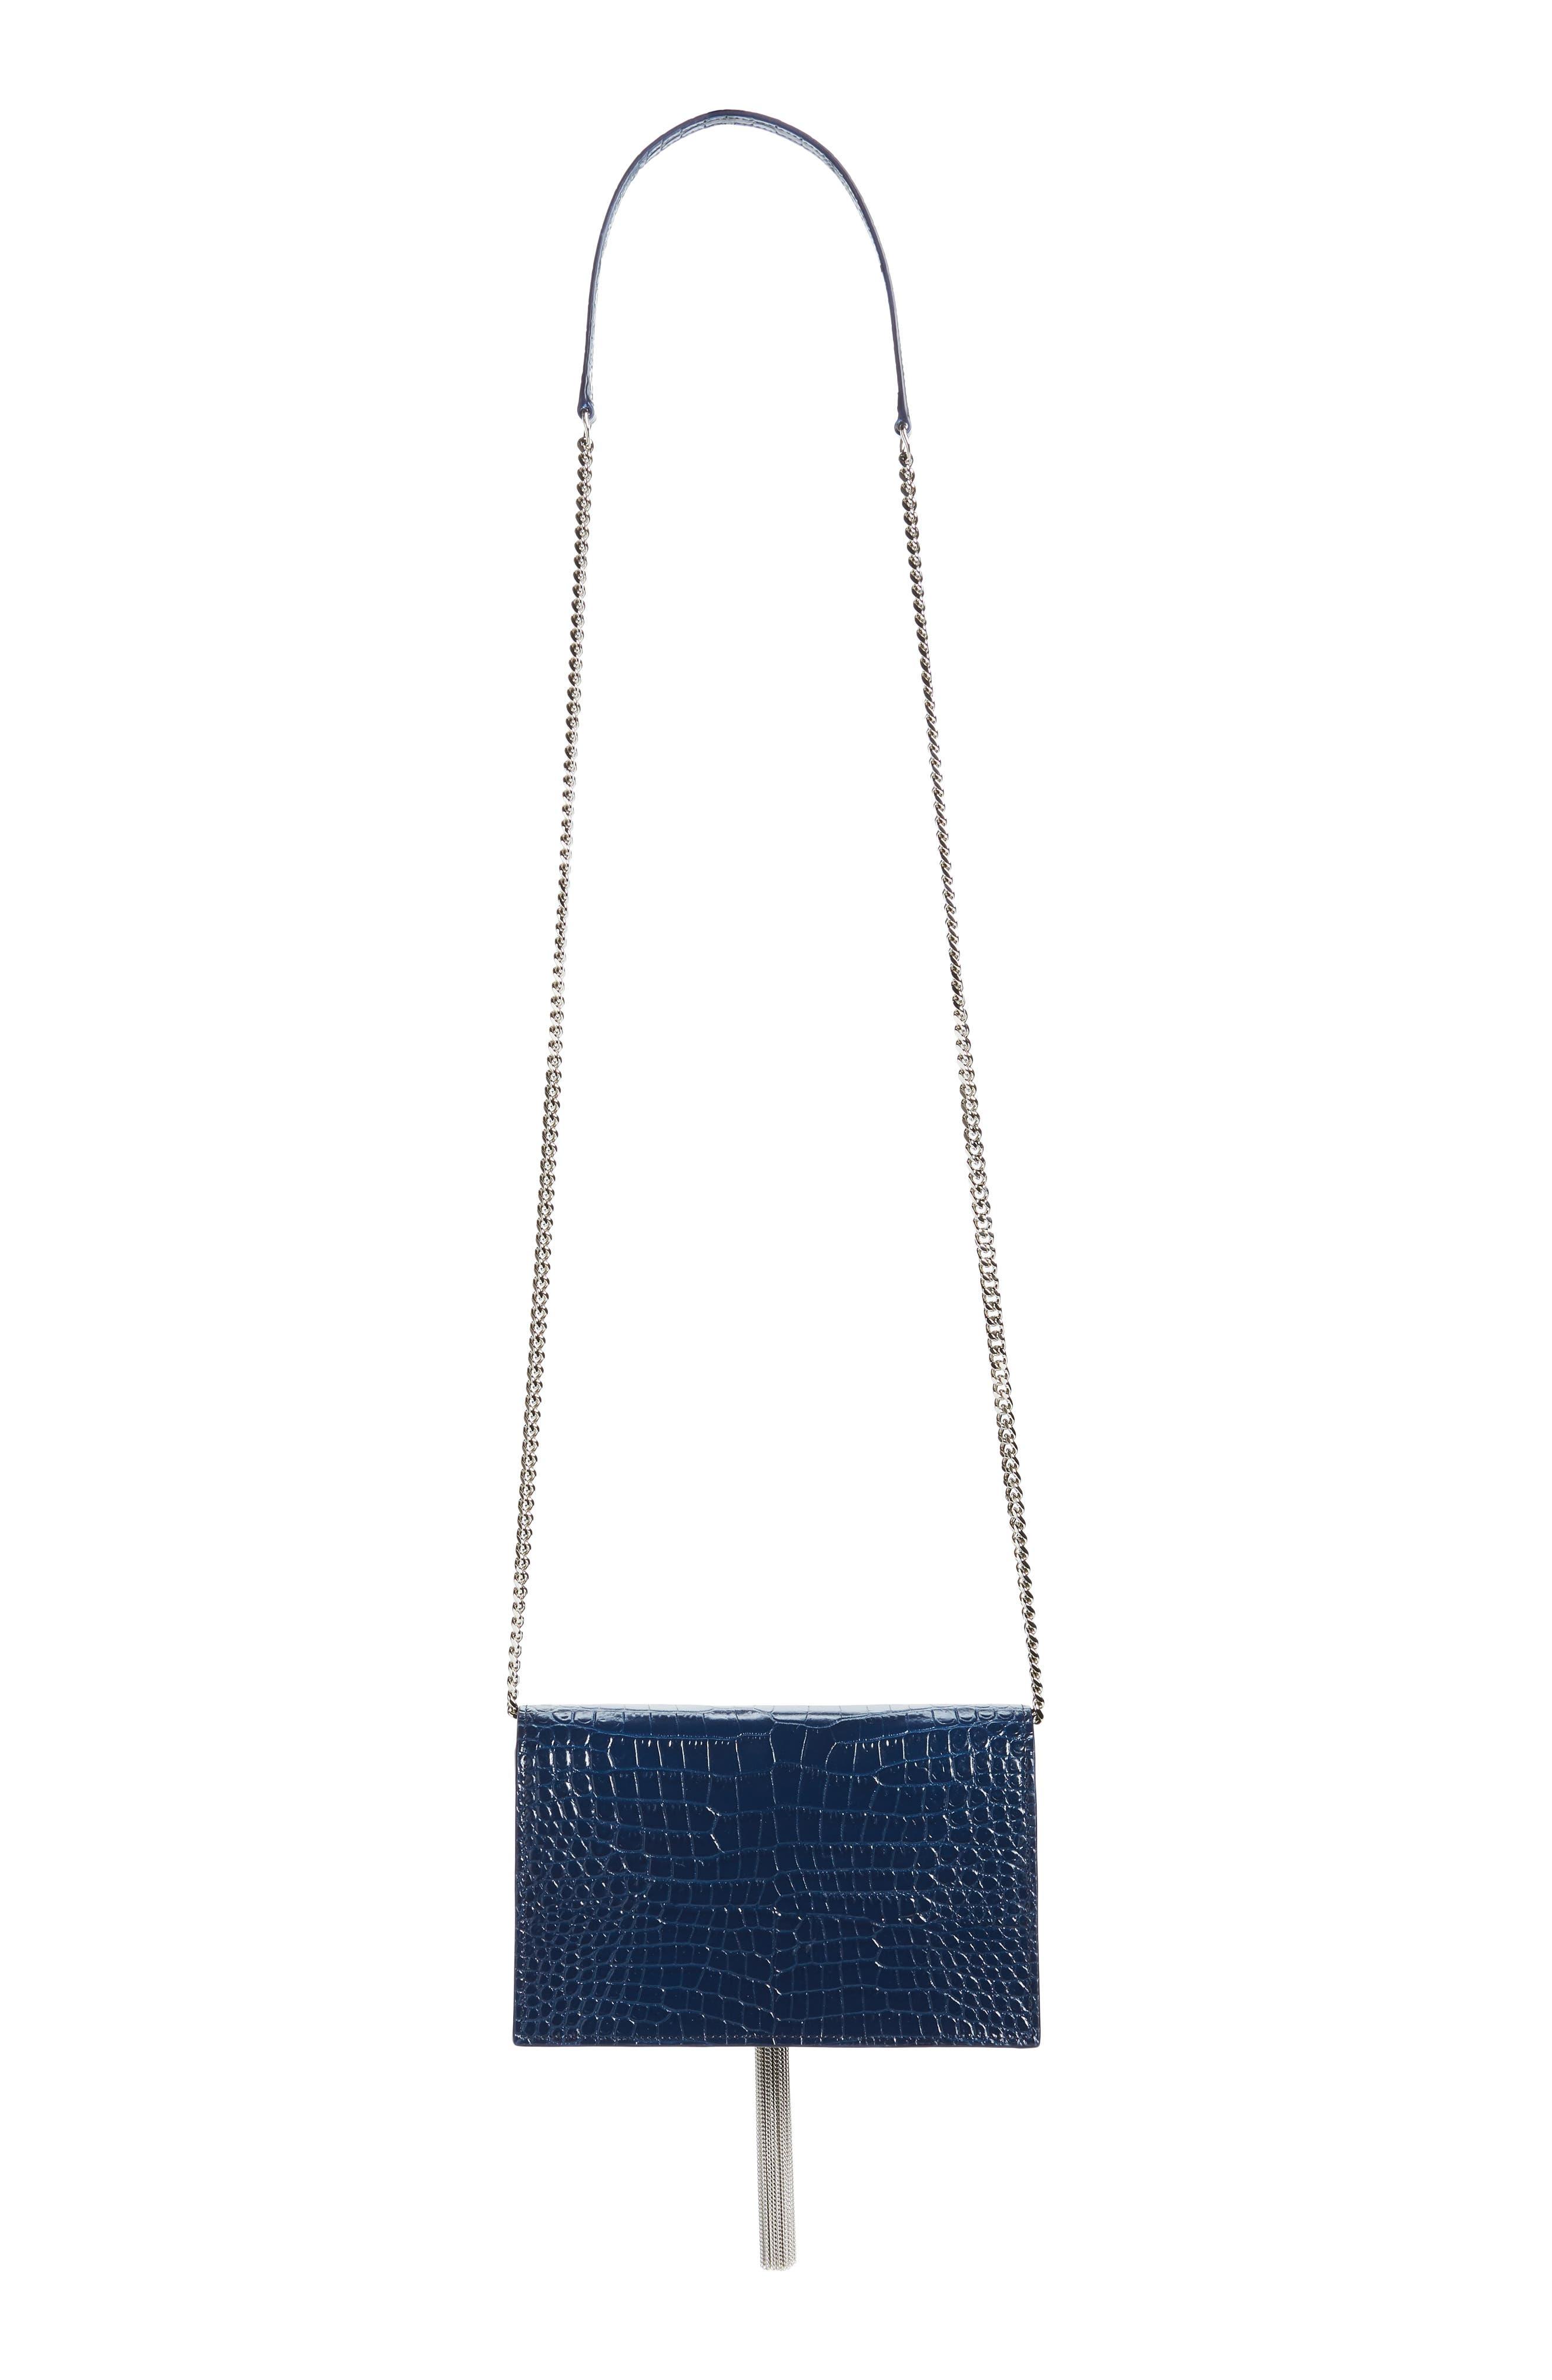 SAINT LAURENT, Kate Croc Embossed Leather Wallet on a Chain, Alternate thumbnail 4, color, DENIM BLUE/ DENIM BLUE